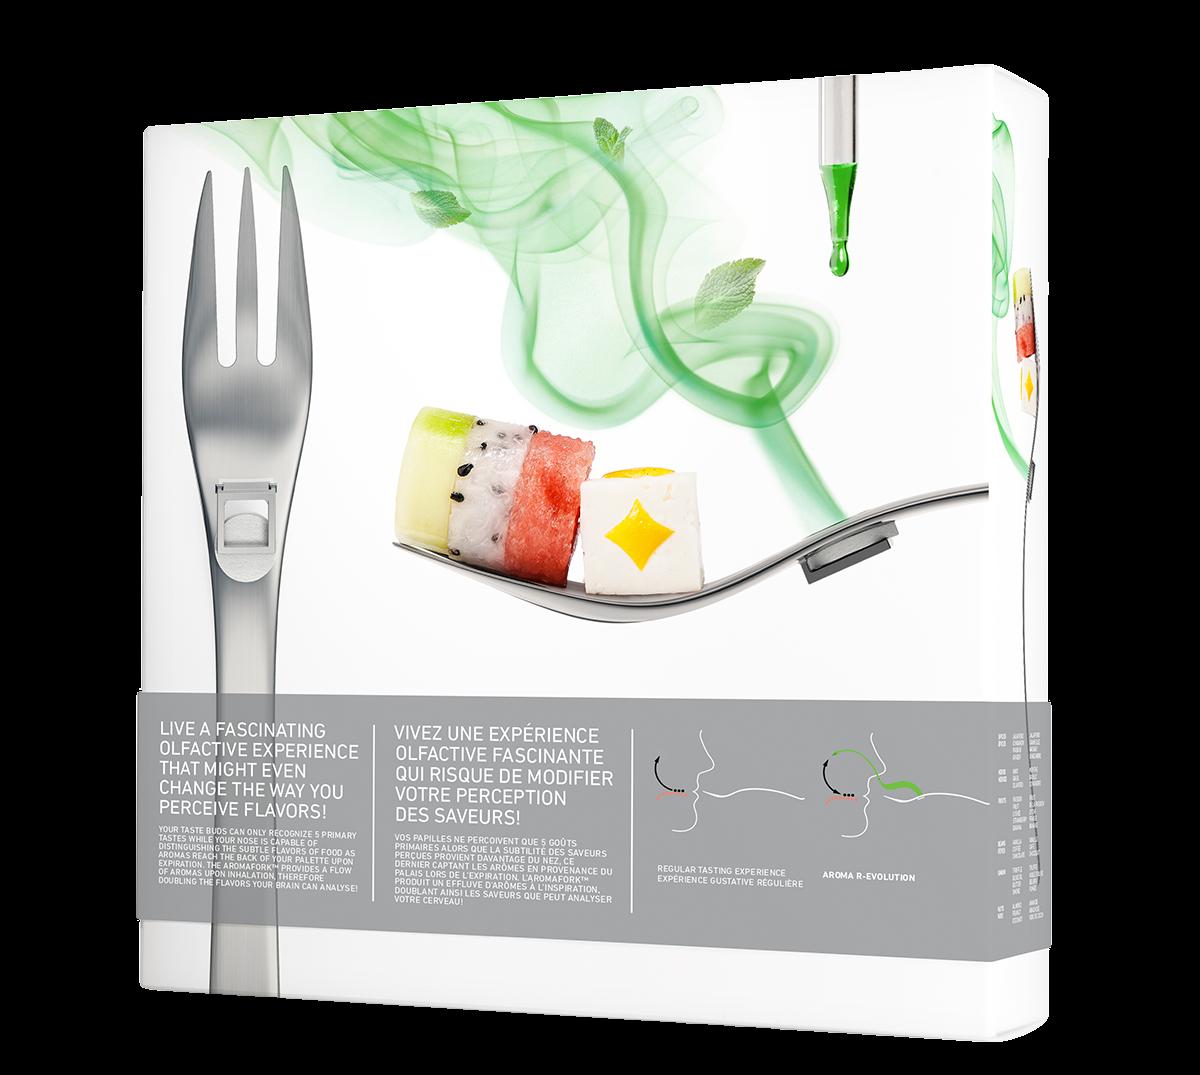 Kit de Aroma R-Evolution - Cocina molecular en casa